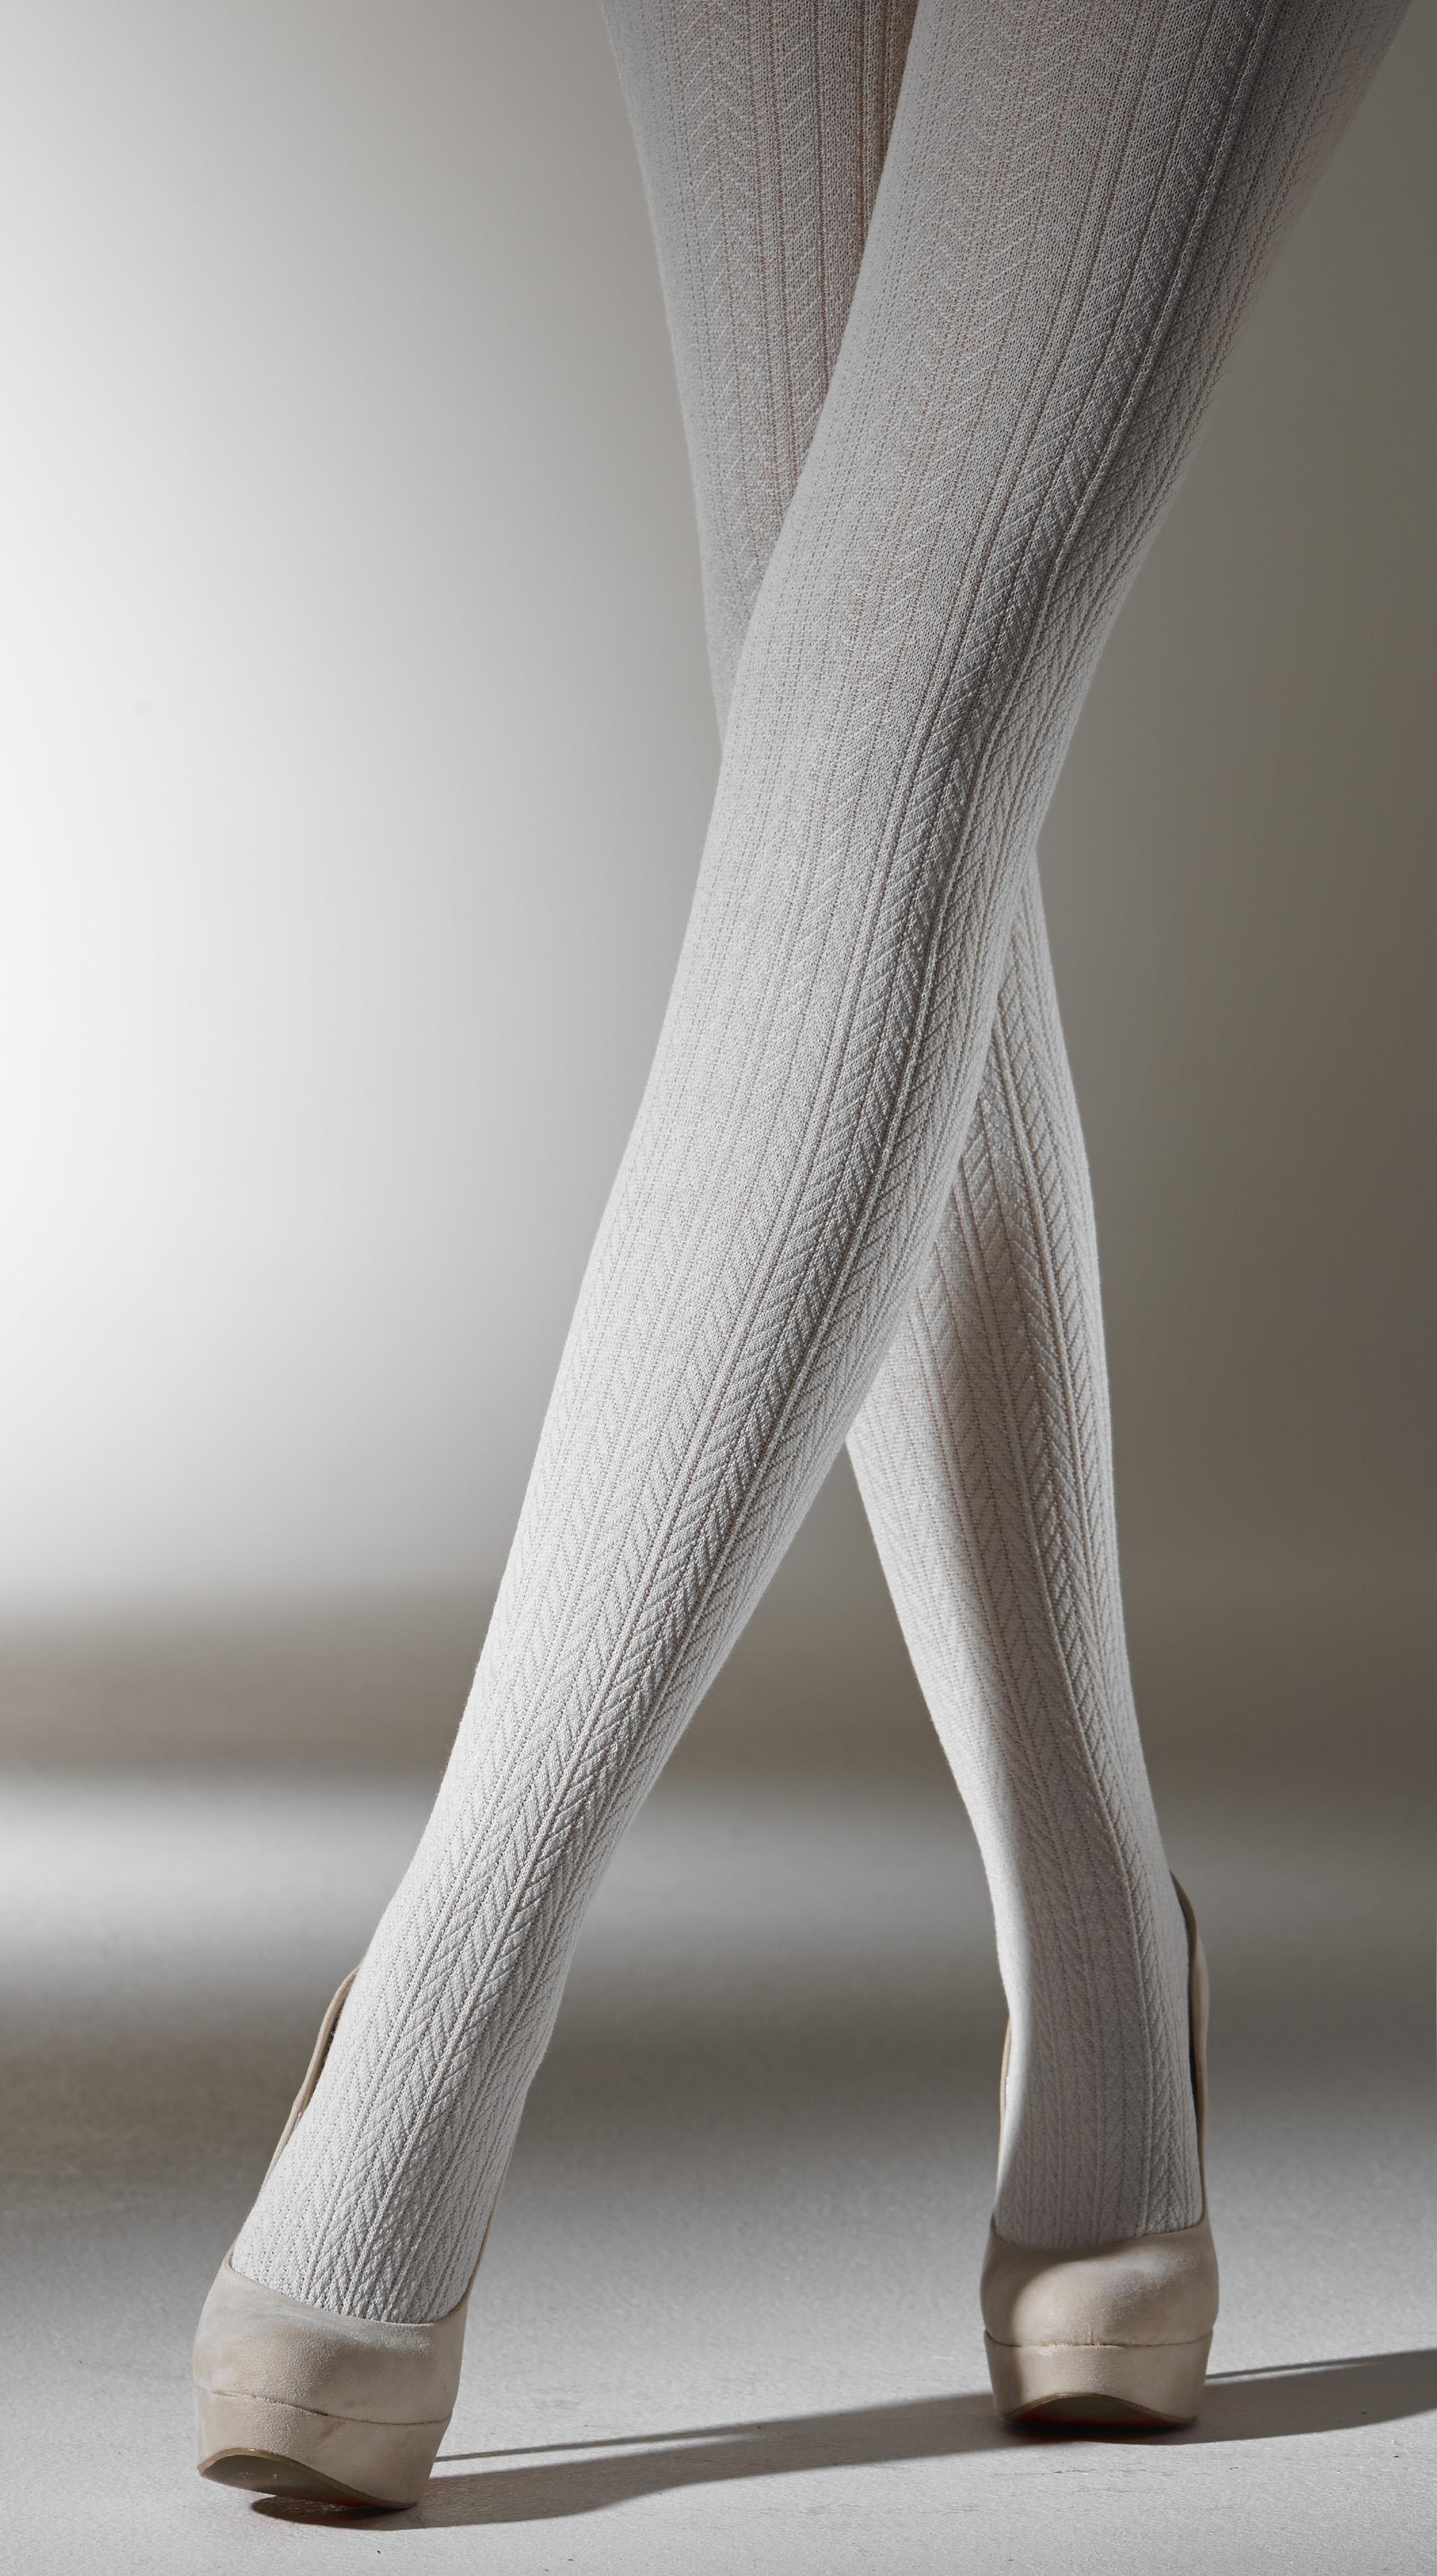 Чулки на жирных нога 2 фотография